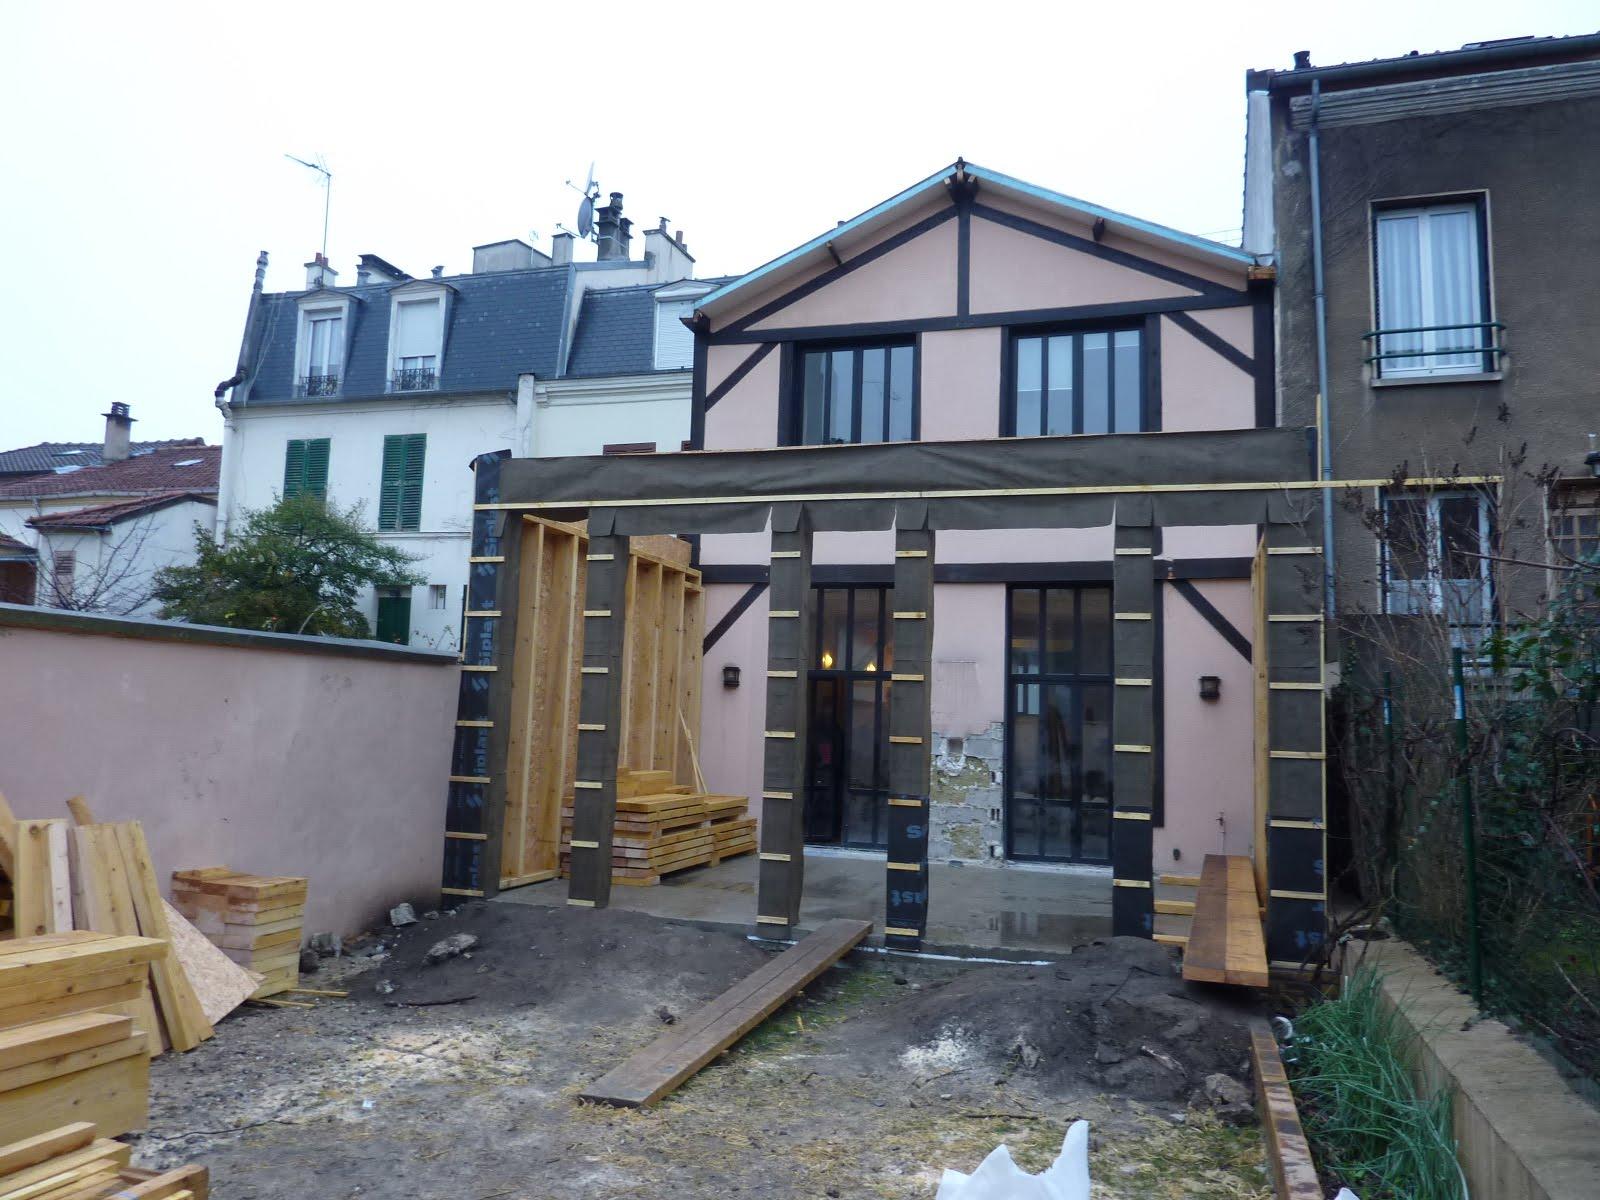 Chantier extension bois montreuil architecte maison bois for Architecte maison bois